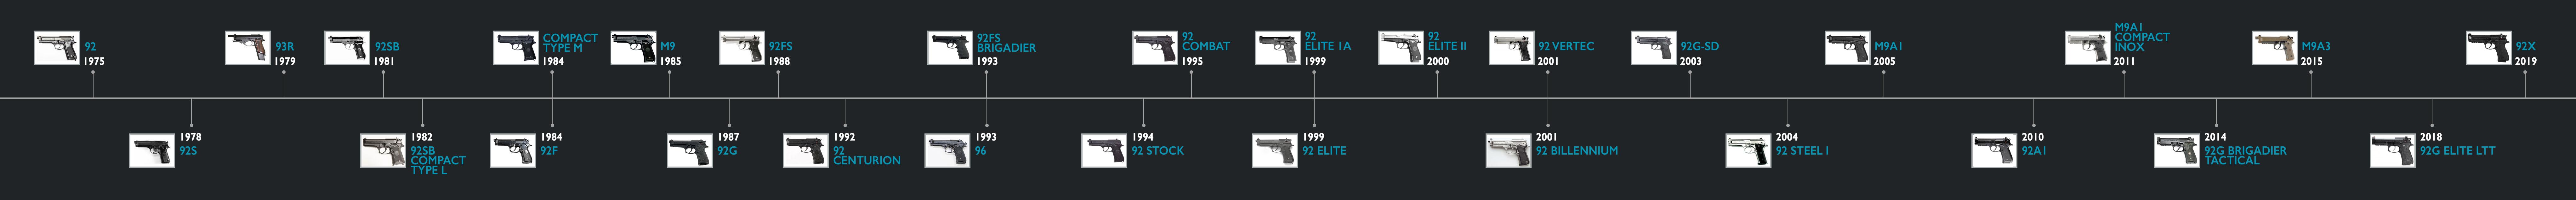 History of Beretta Pistols